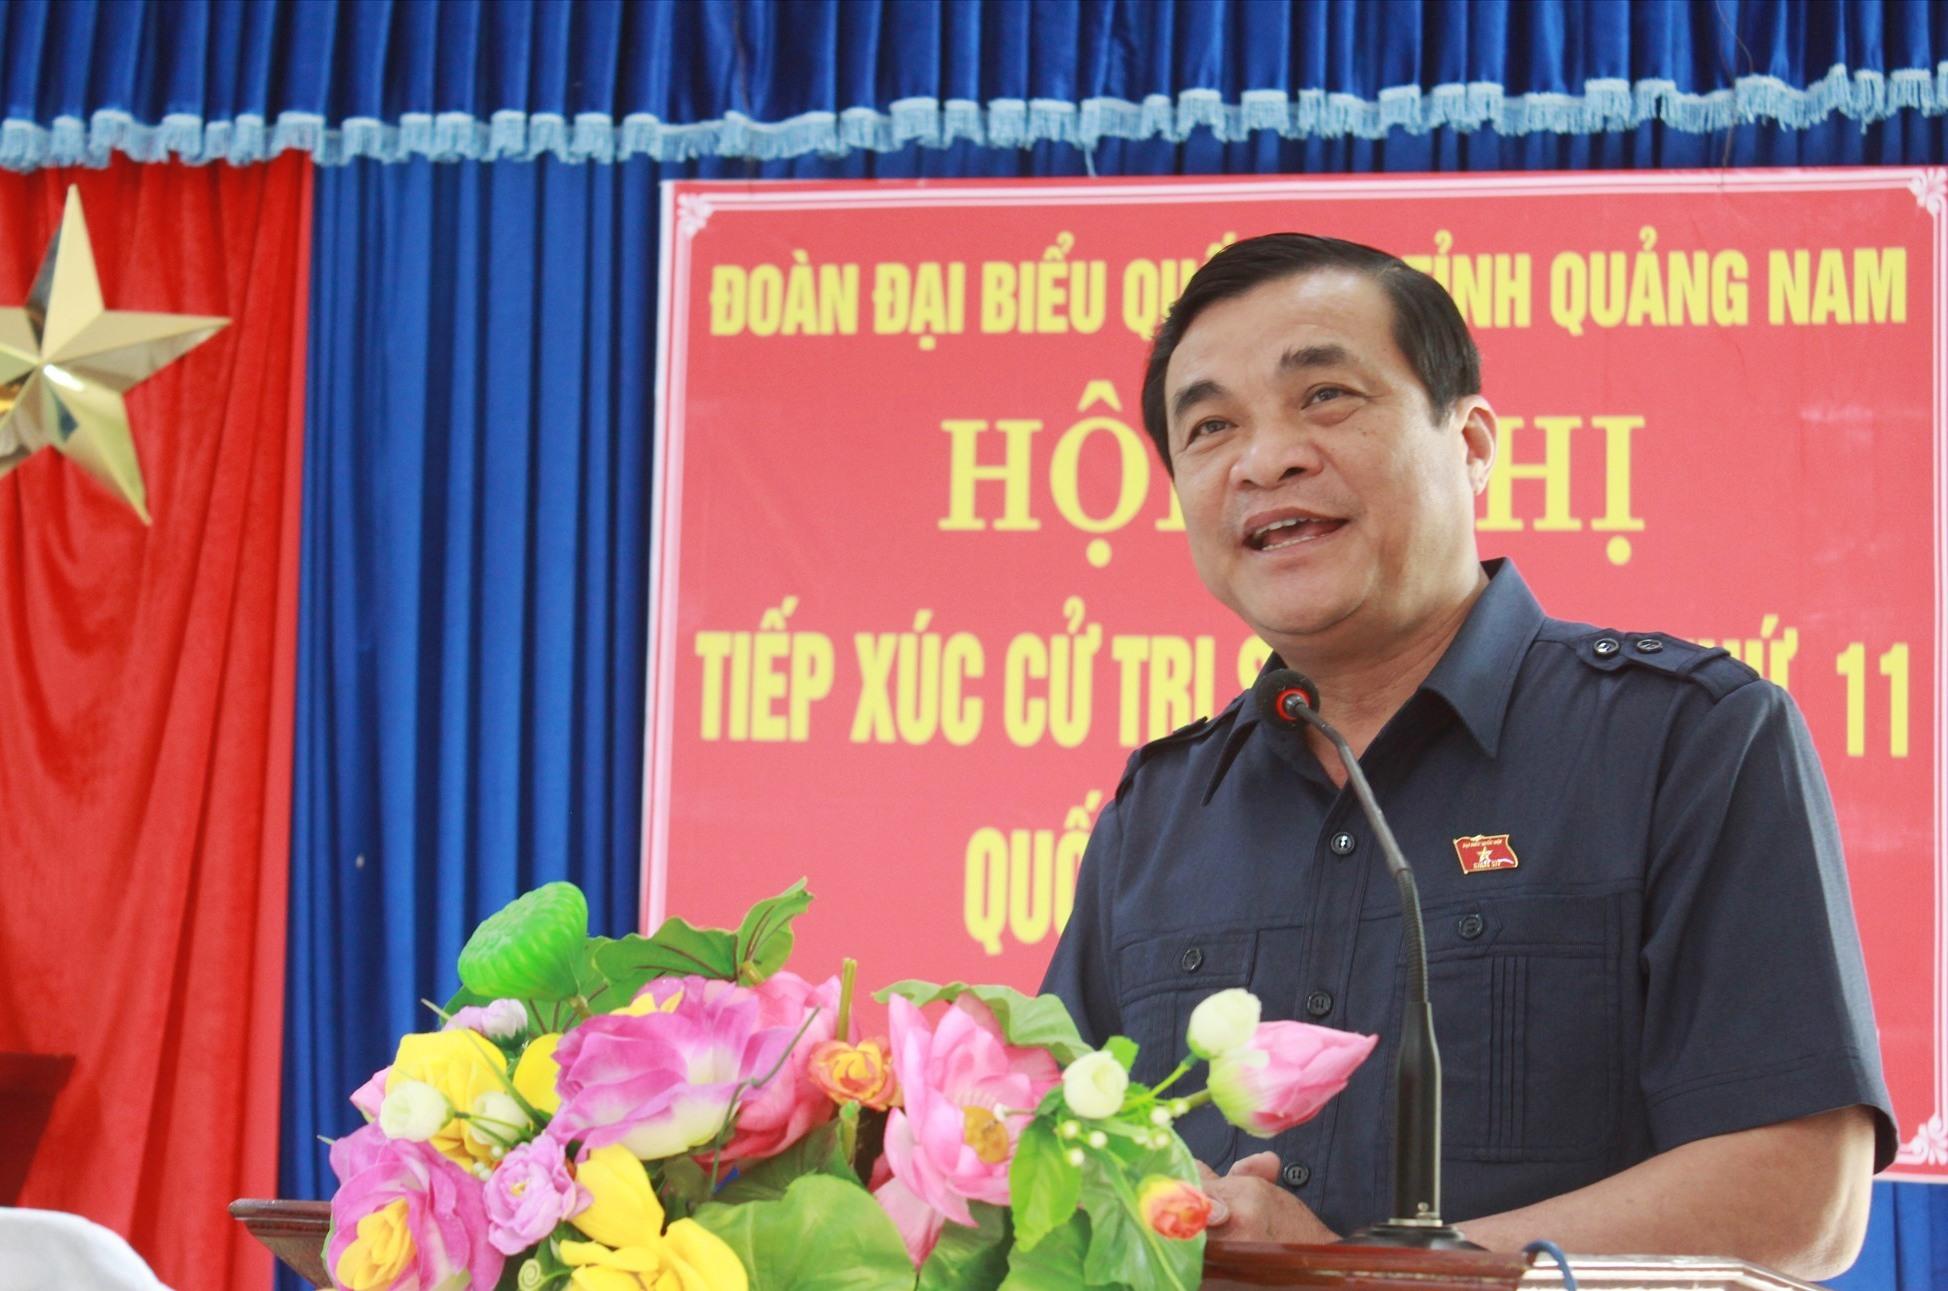 Đồng chí Phan Việt Cường giải đáp những kiến nghị của cử tri. Ảnh: T.C